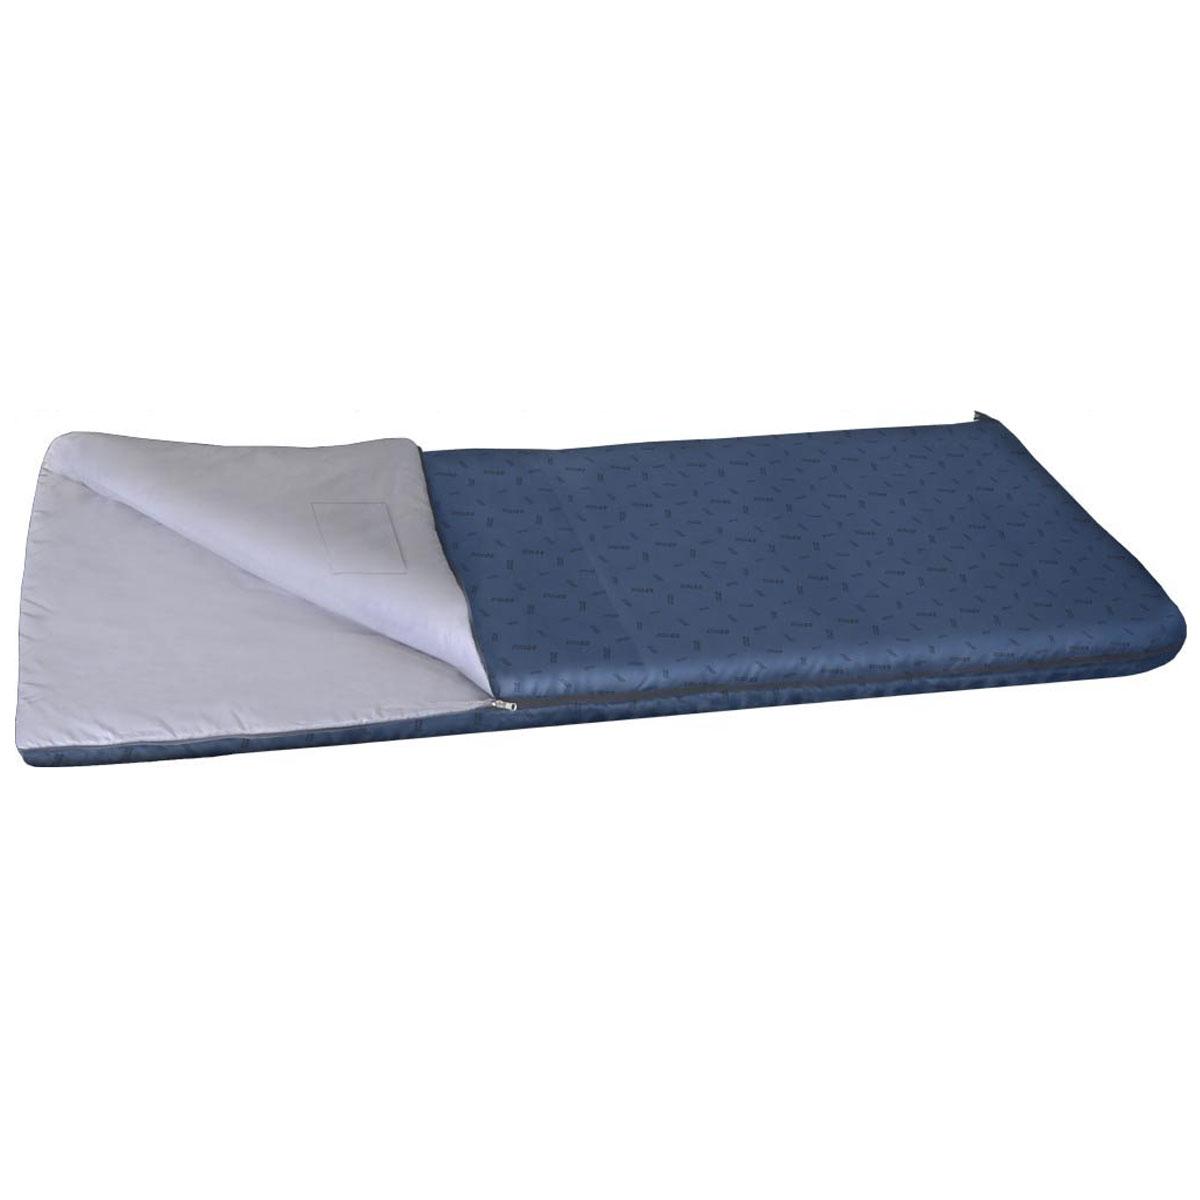 Спальный мешок NOVA TOUR Валдай 450, левосторонняя молния, цвет: синий95211-402-00Комфортный демисезонный спальный мешок NOVA TOUR Валдай 450, трансформирующийся при необходимости в теплое одеяло. Спальный мешок серии весна-осень, конструкции одеяло с синтетическим наполнителем. Для уменьшения веса изготавливается без подголовника. Благодаря двухзамковой молнии, имеется возможность состегнуть два спальника в один двойной. Для сушки и проветривания изделия предусмотрены две петли в нижней части мешка. Компрессионный мешок в комплекте.